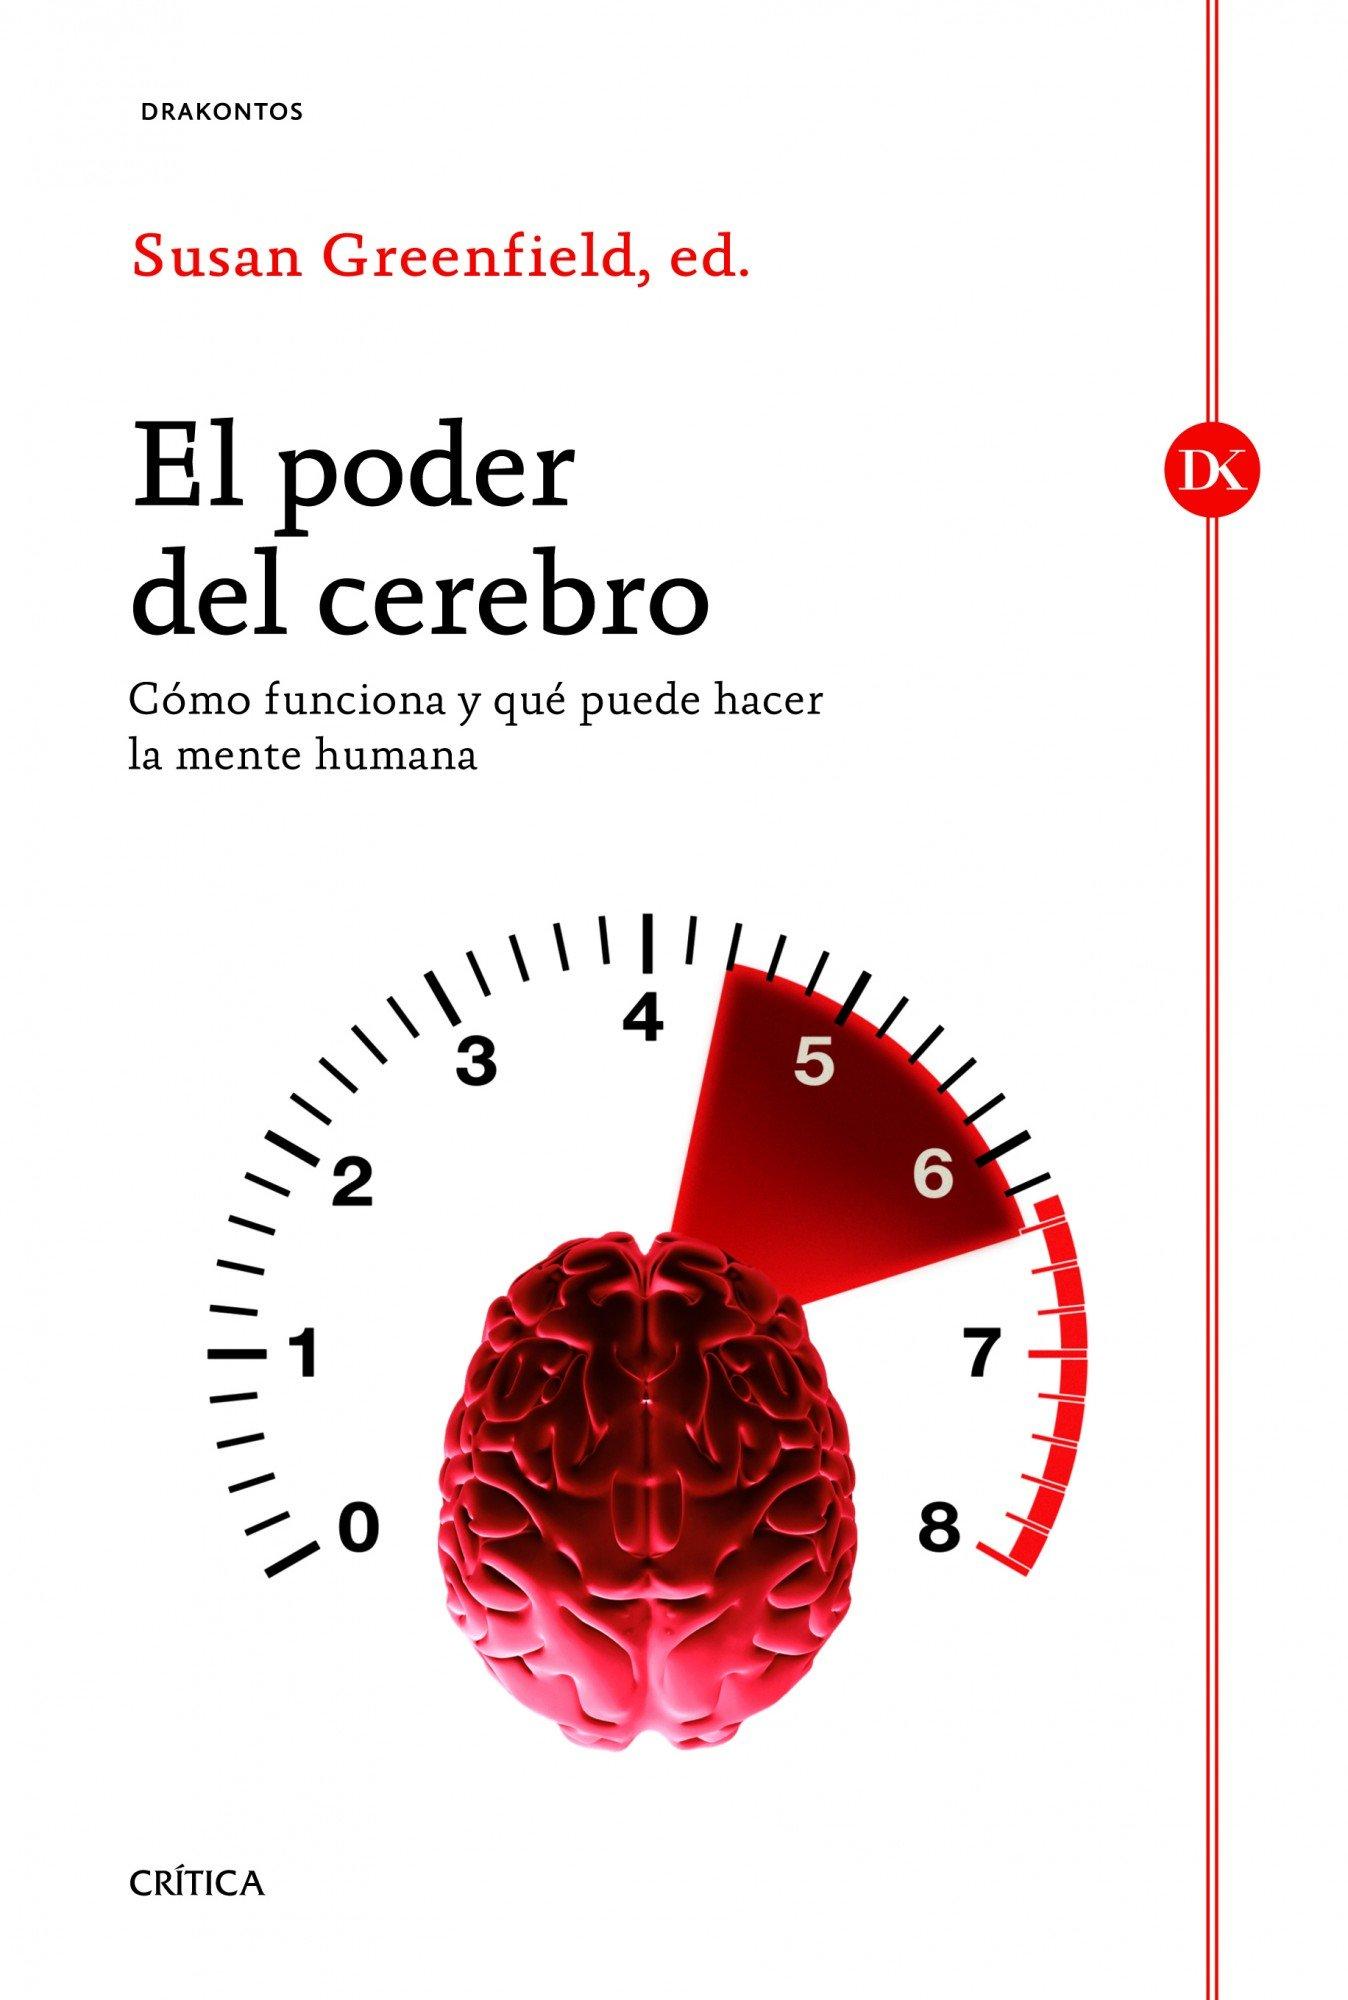 El poder del cerebro: Cómo funciona y qué puede hacer la mente humana (Drakontos)